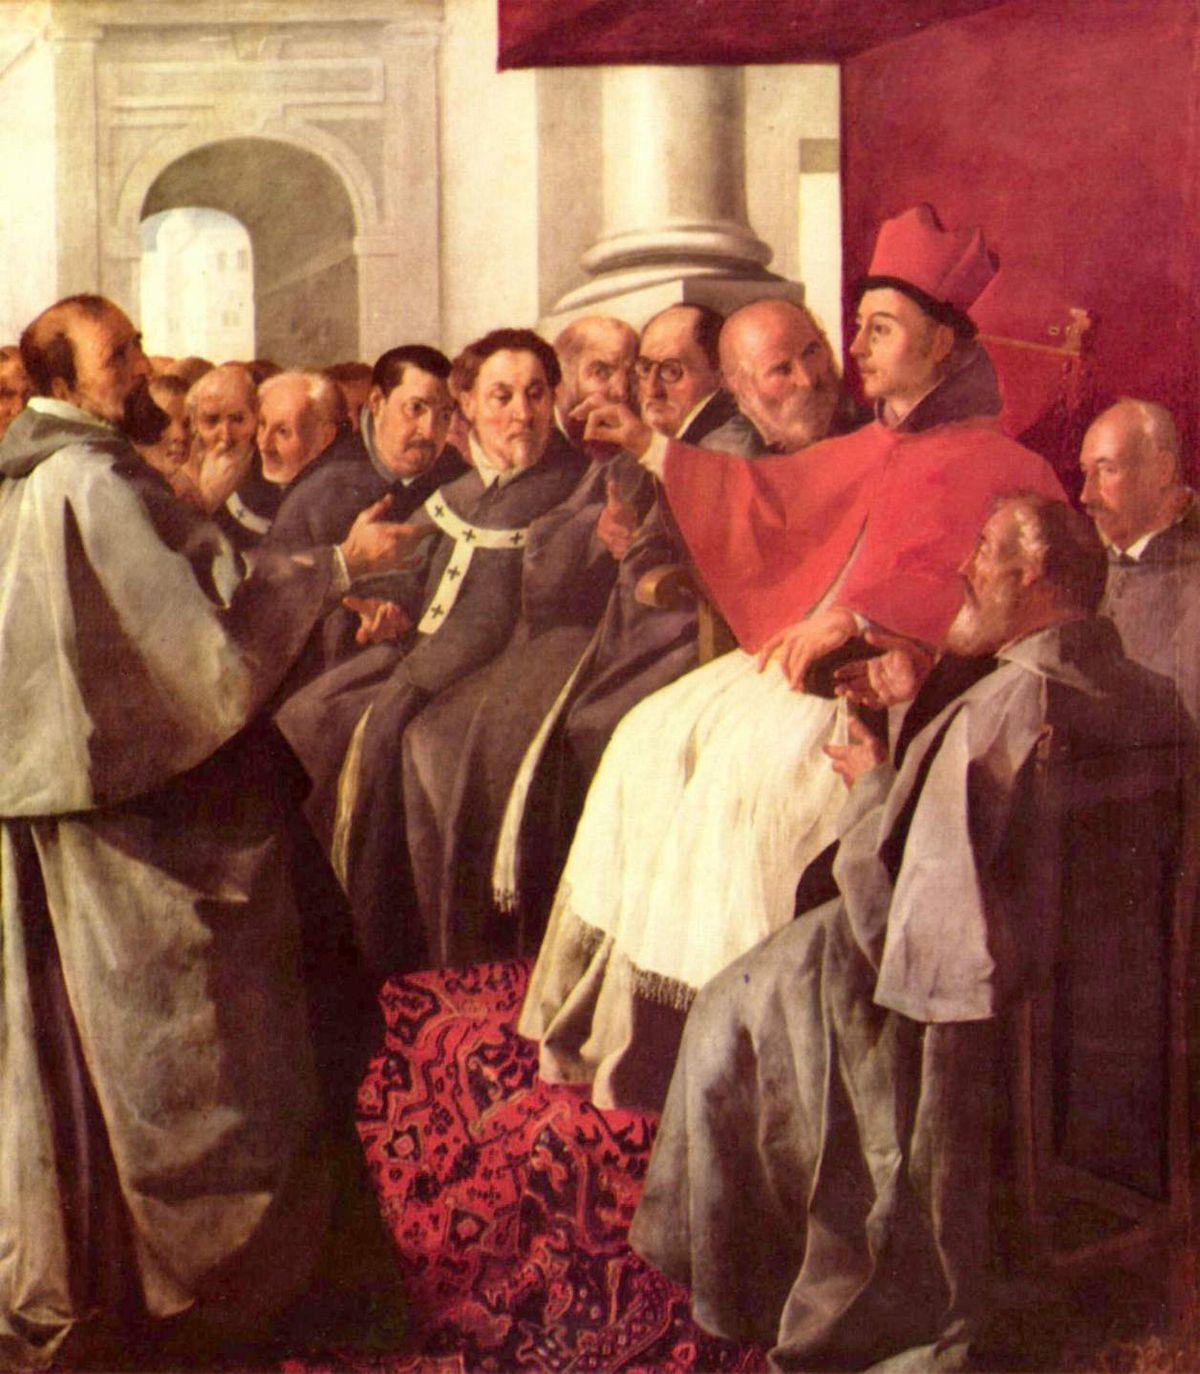 Matrimonio Catolico Protestante : Clero wikipedia la enciclopedia libre